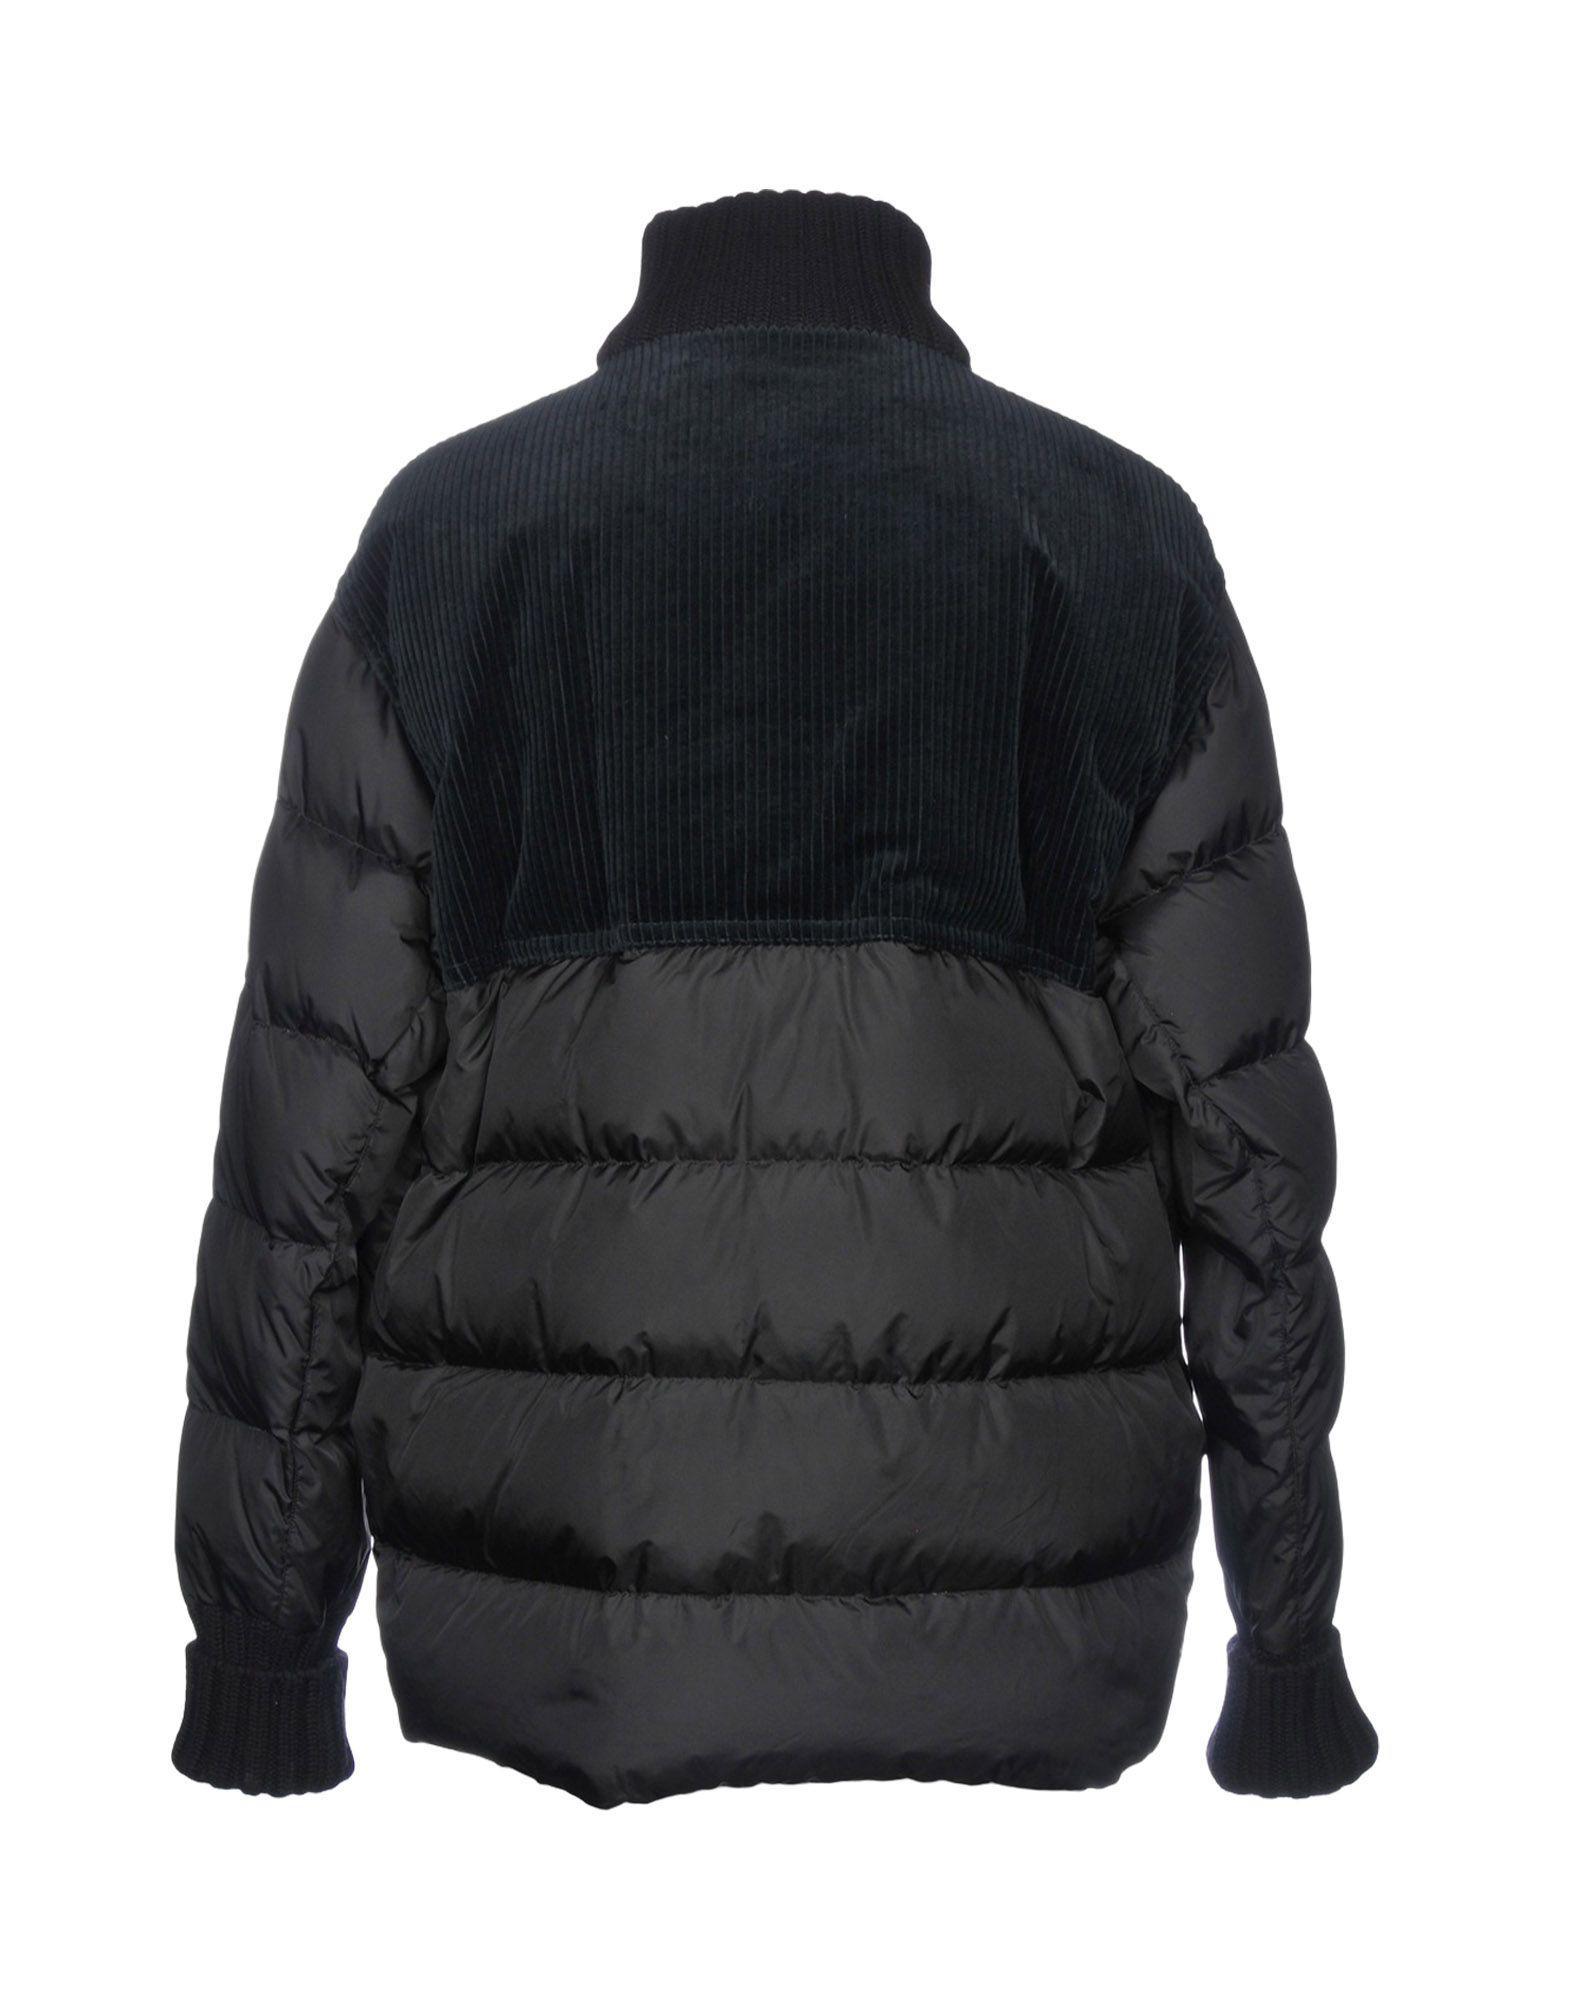 Marni Velvet Down Jacket in Black for Men